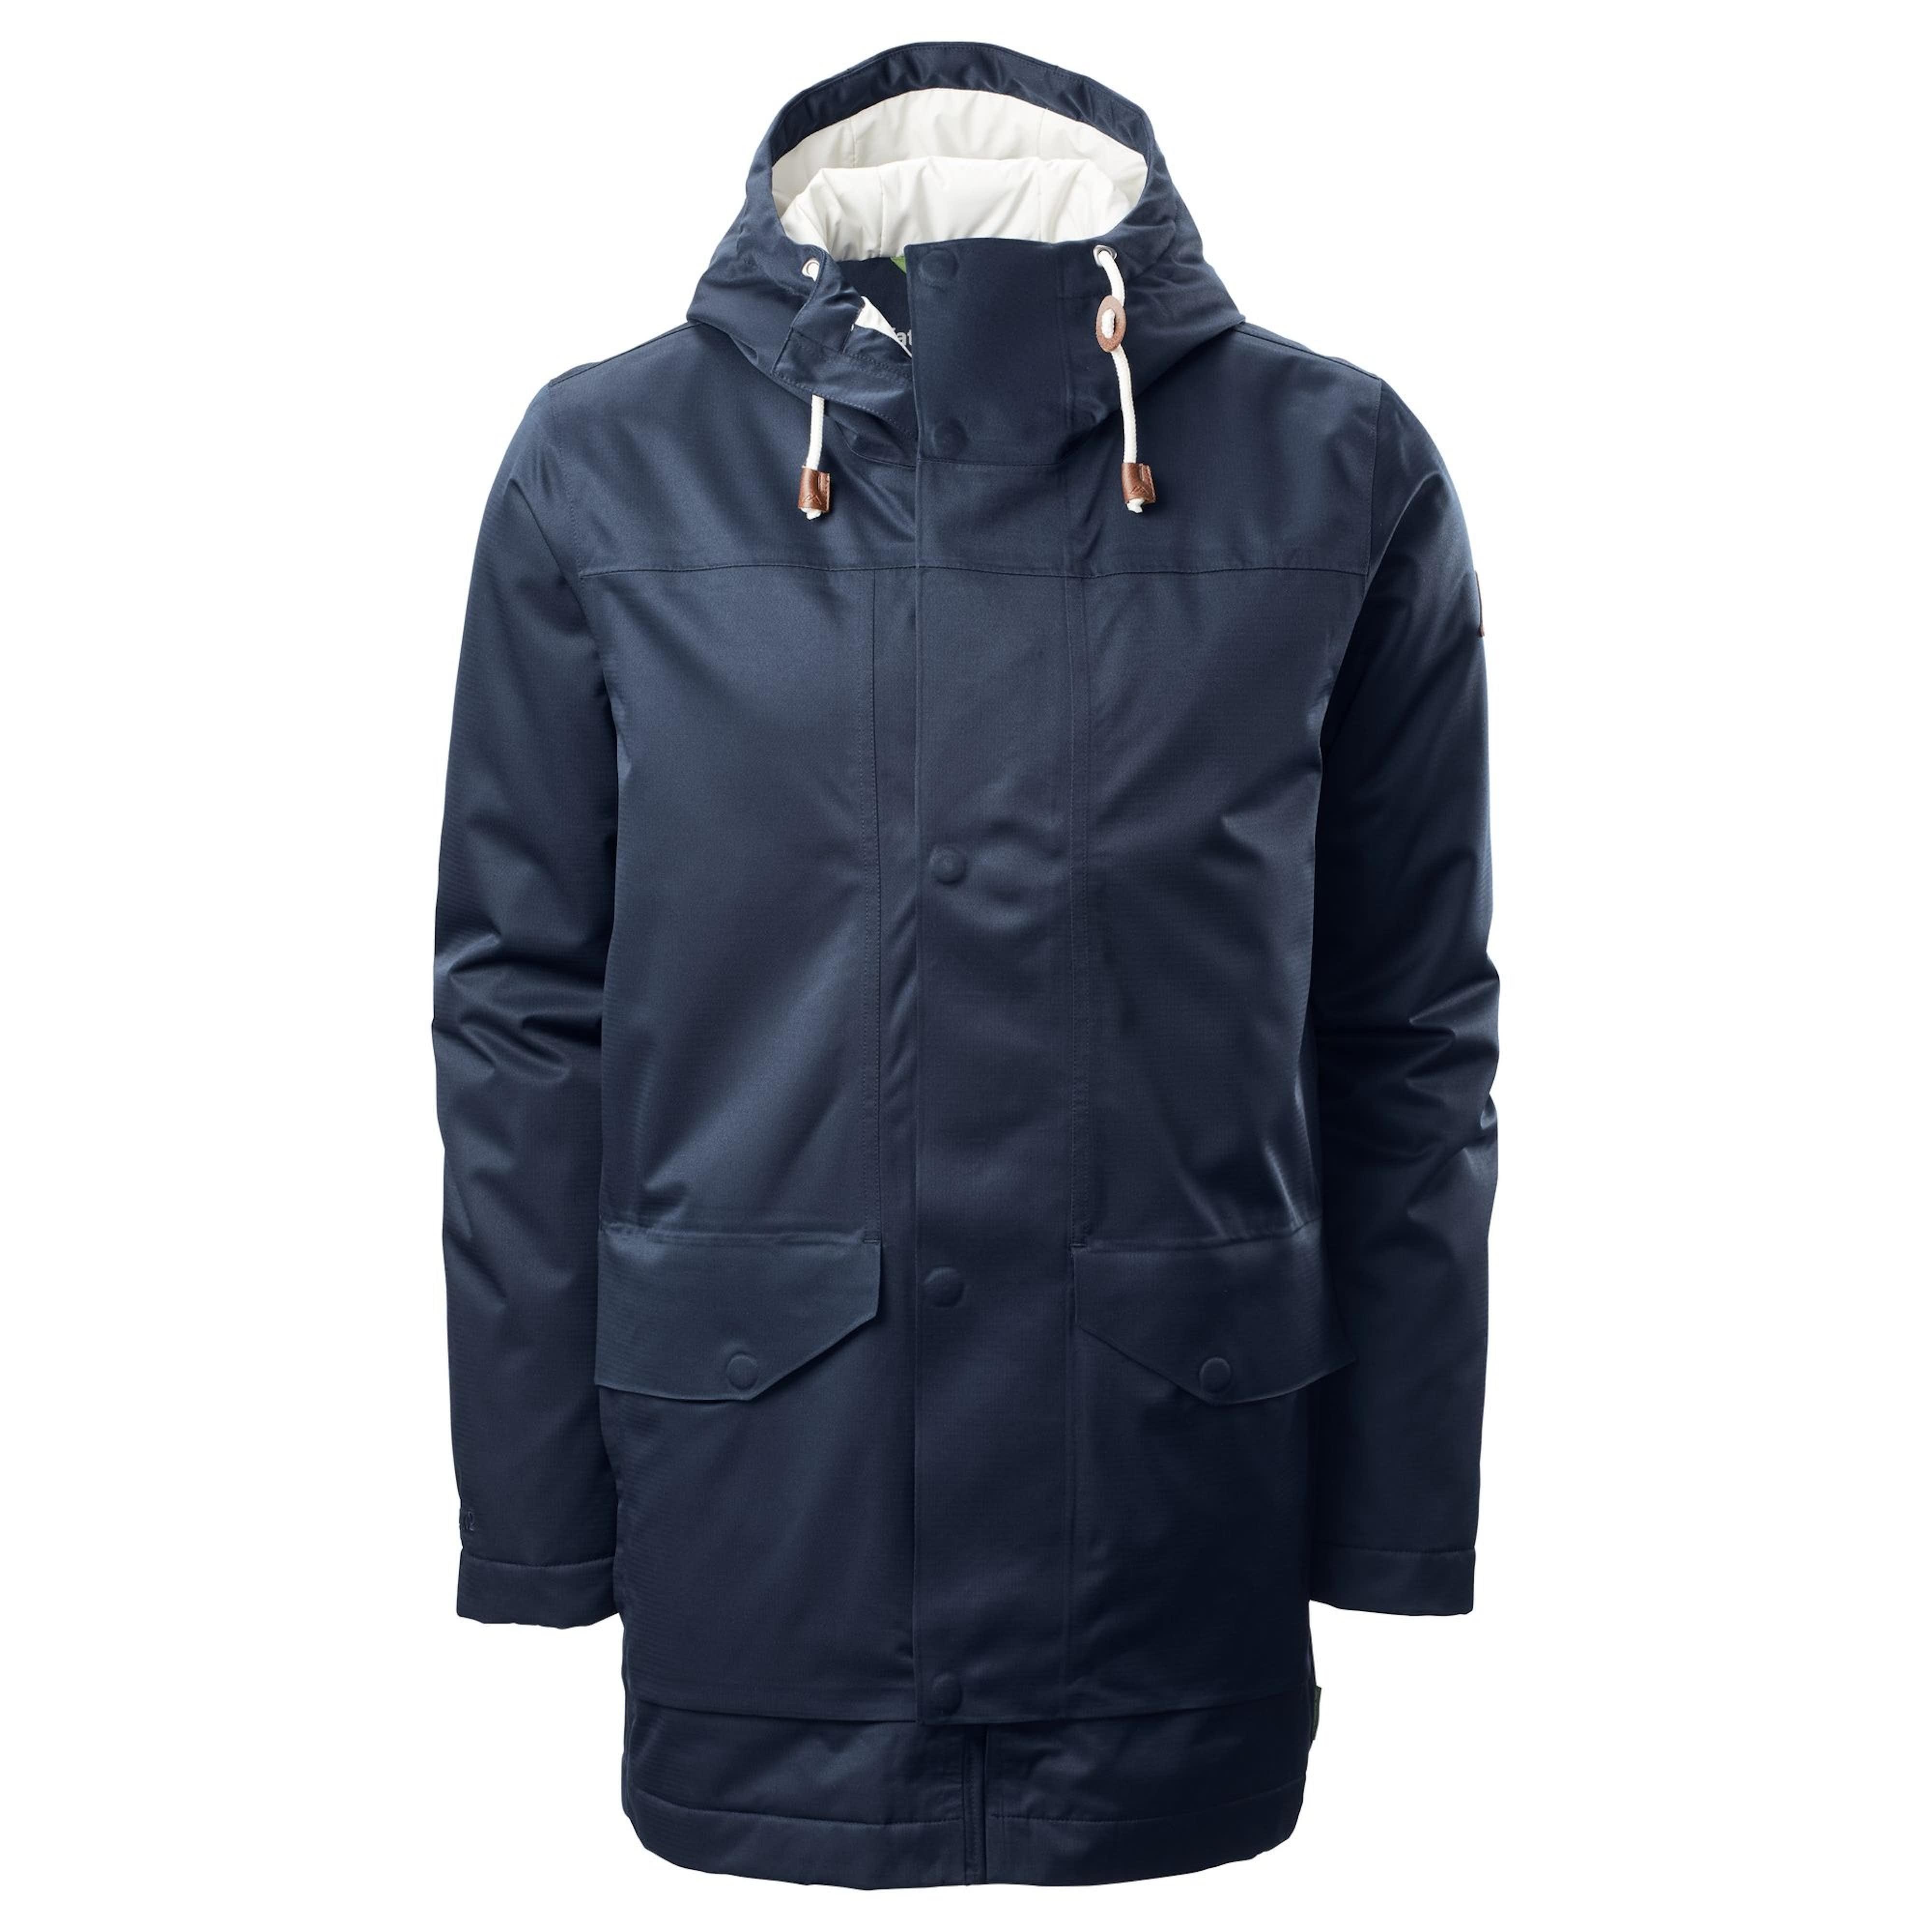 Mens Jackets for Sale Online  1b5d6d7e7